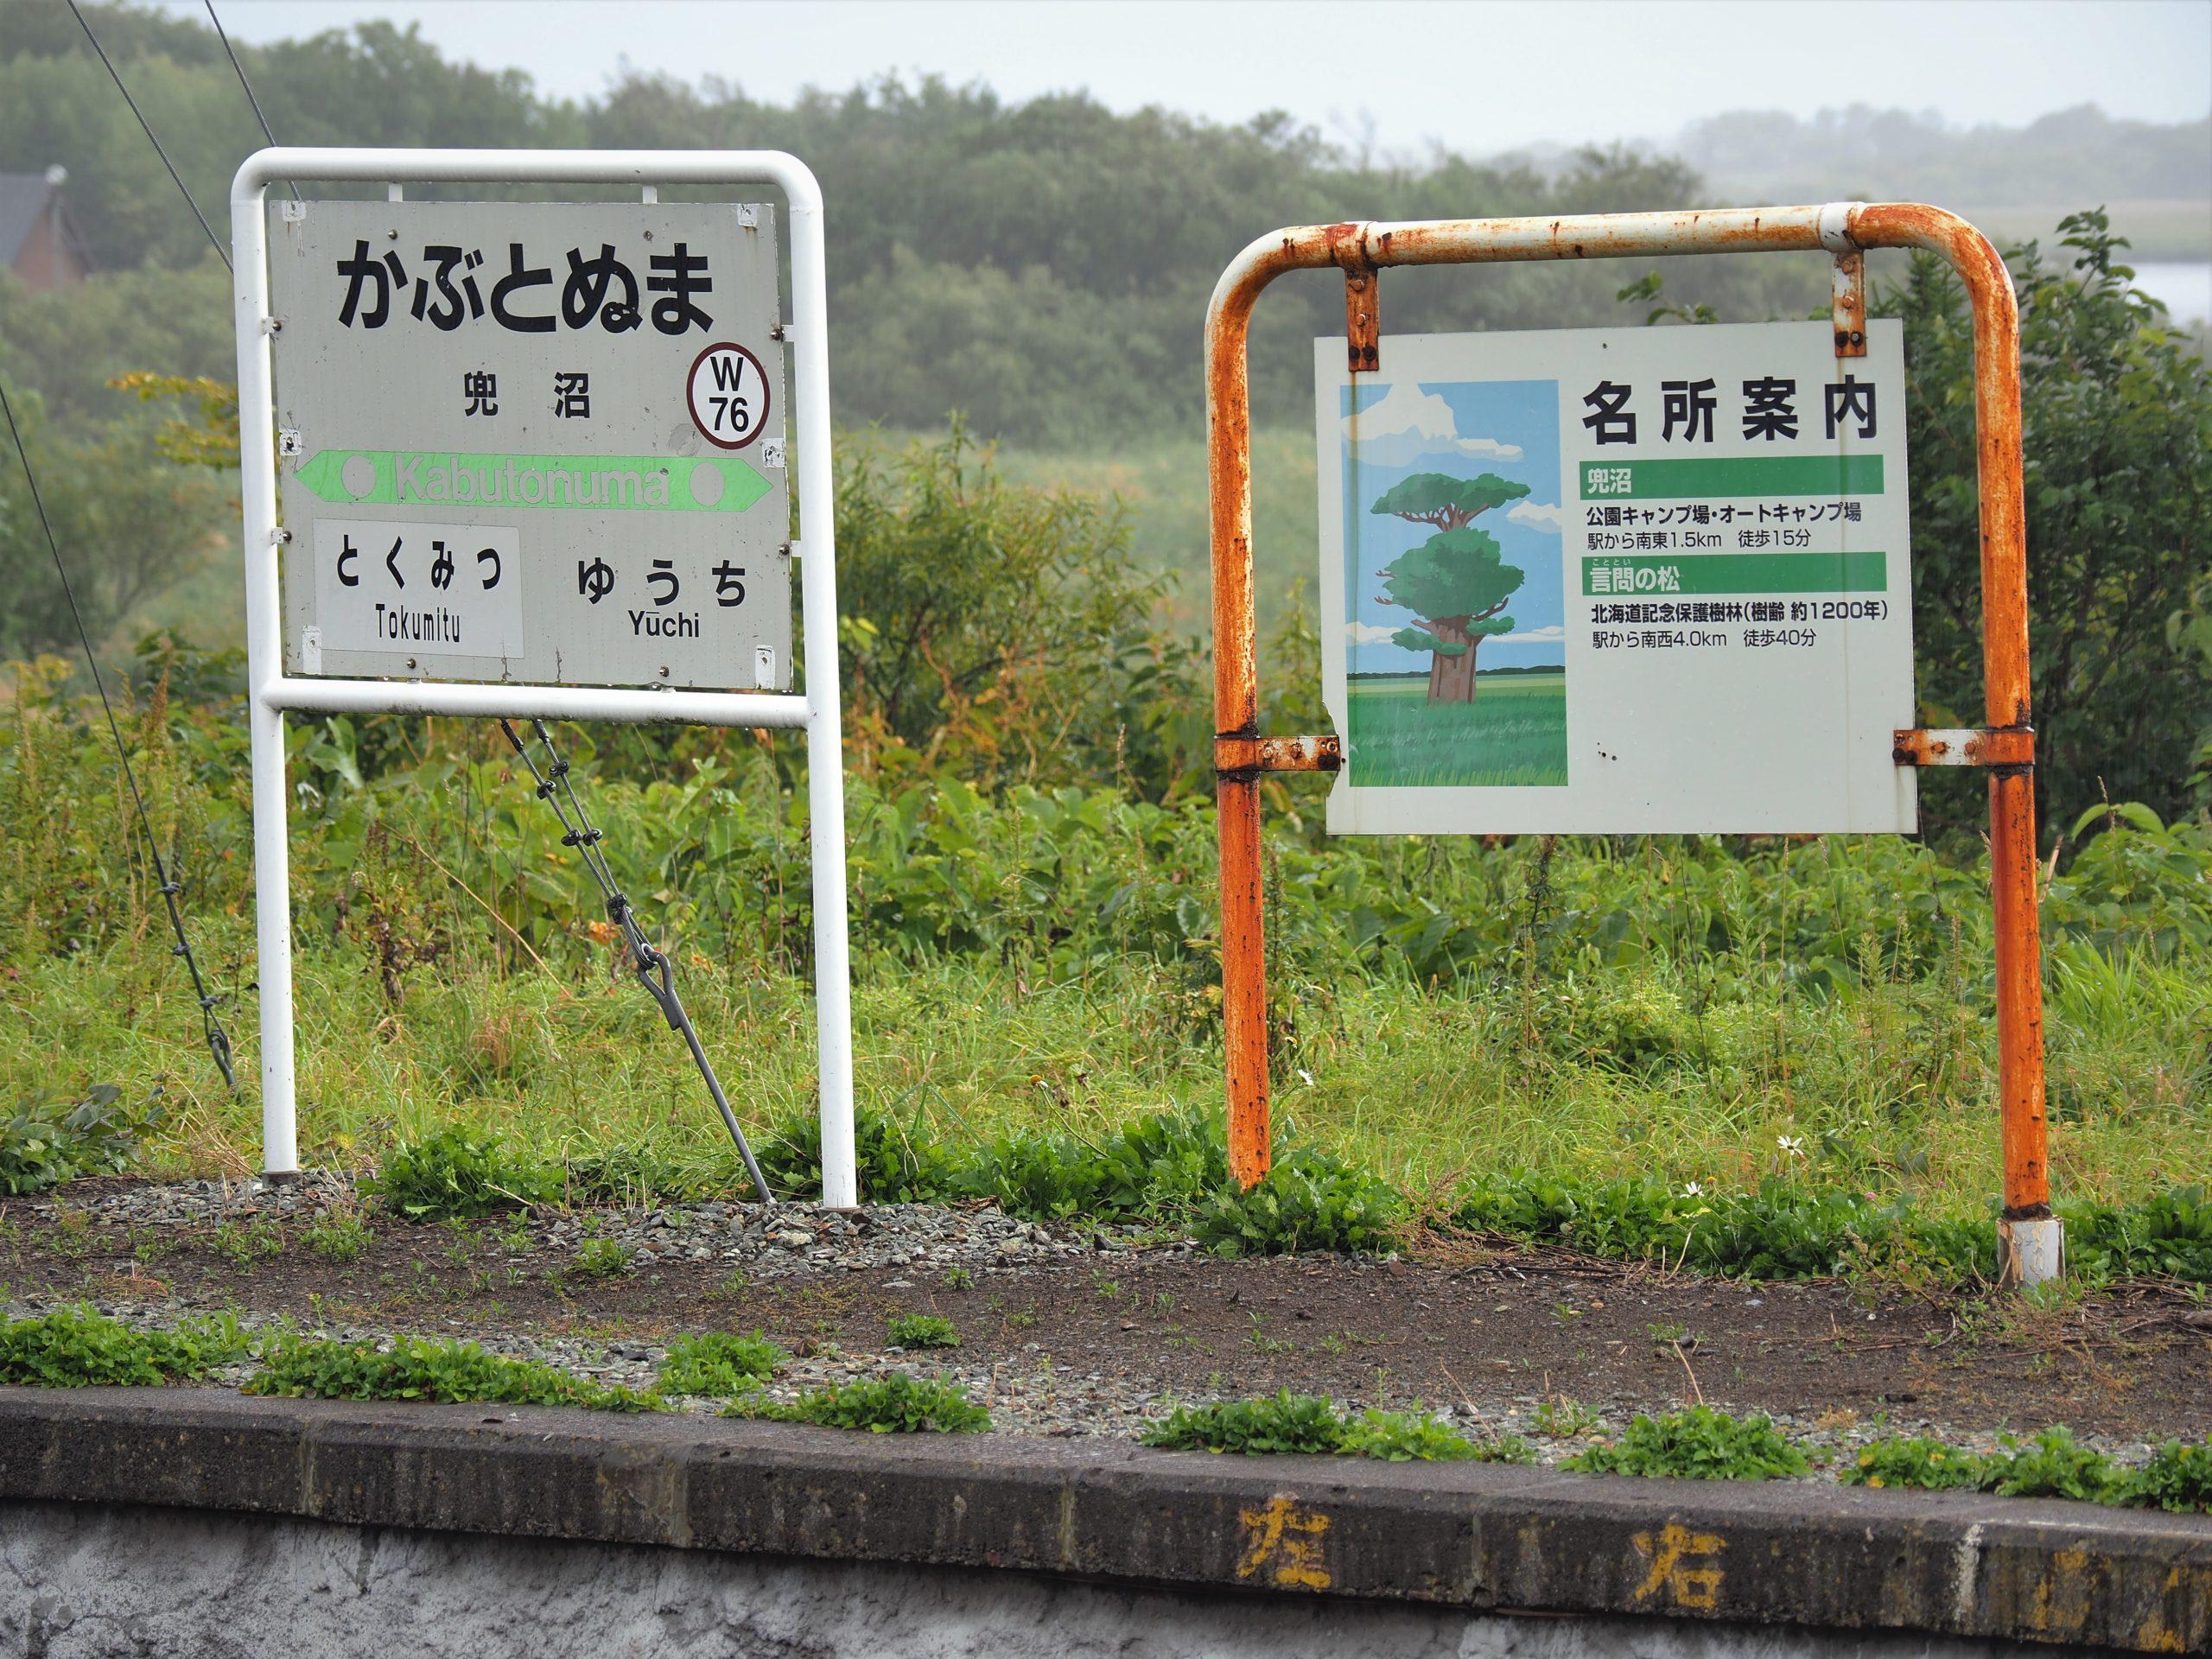 北海道 兜沼駅